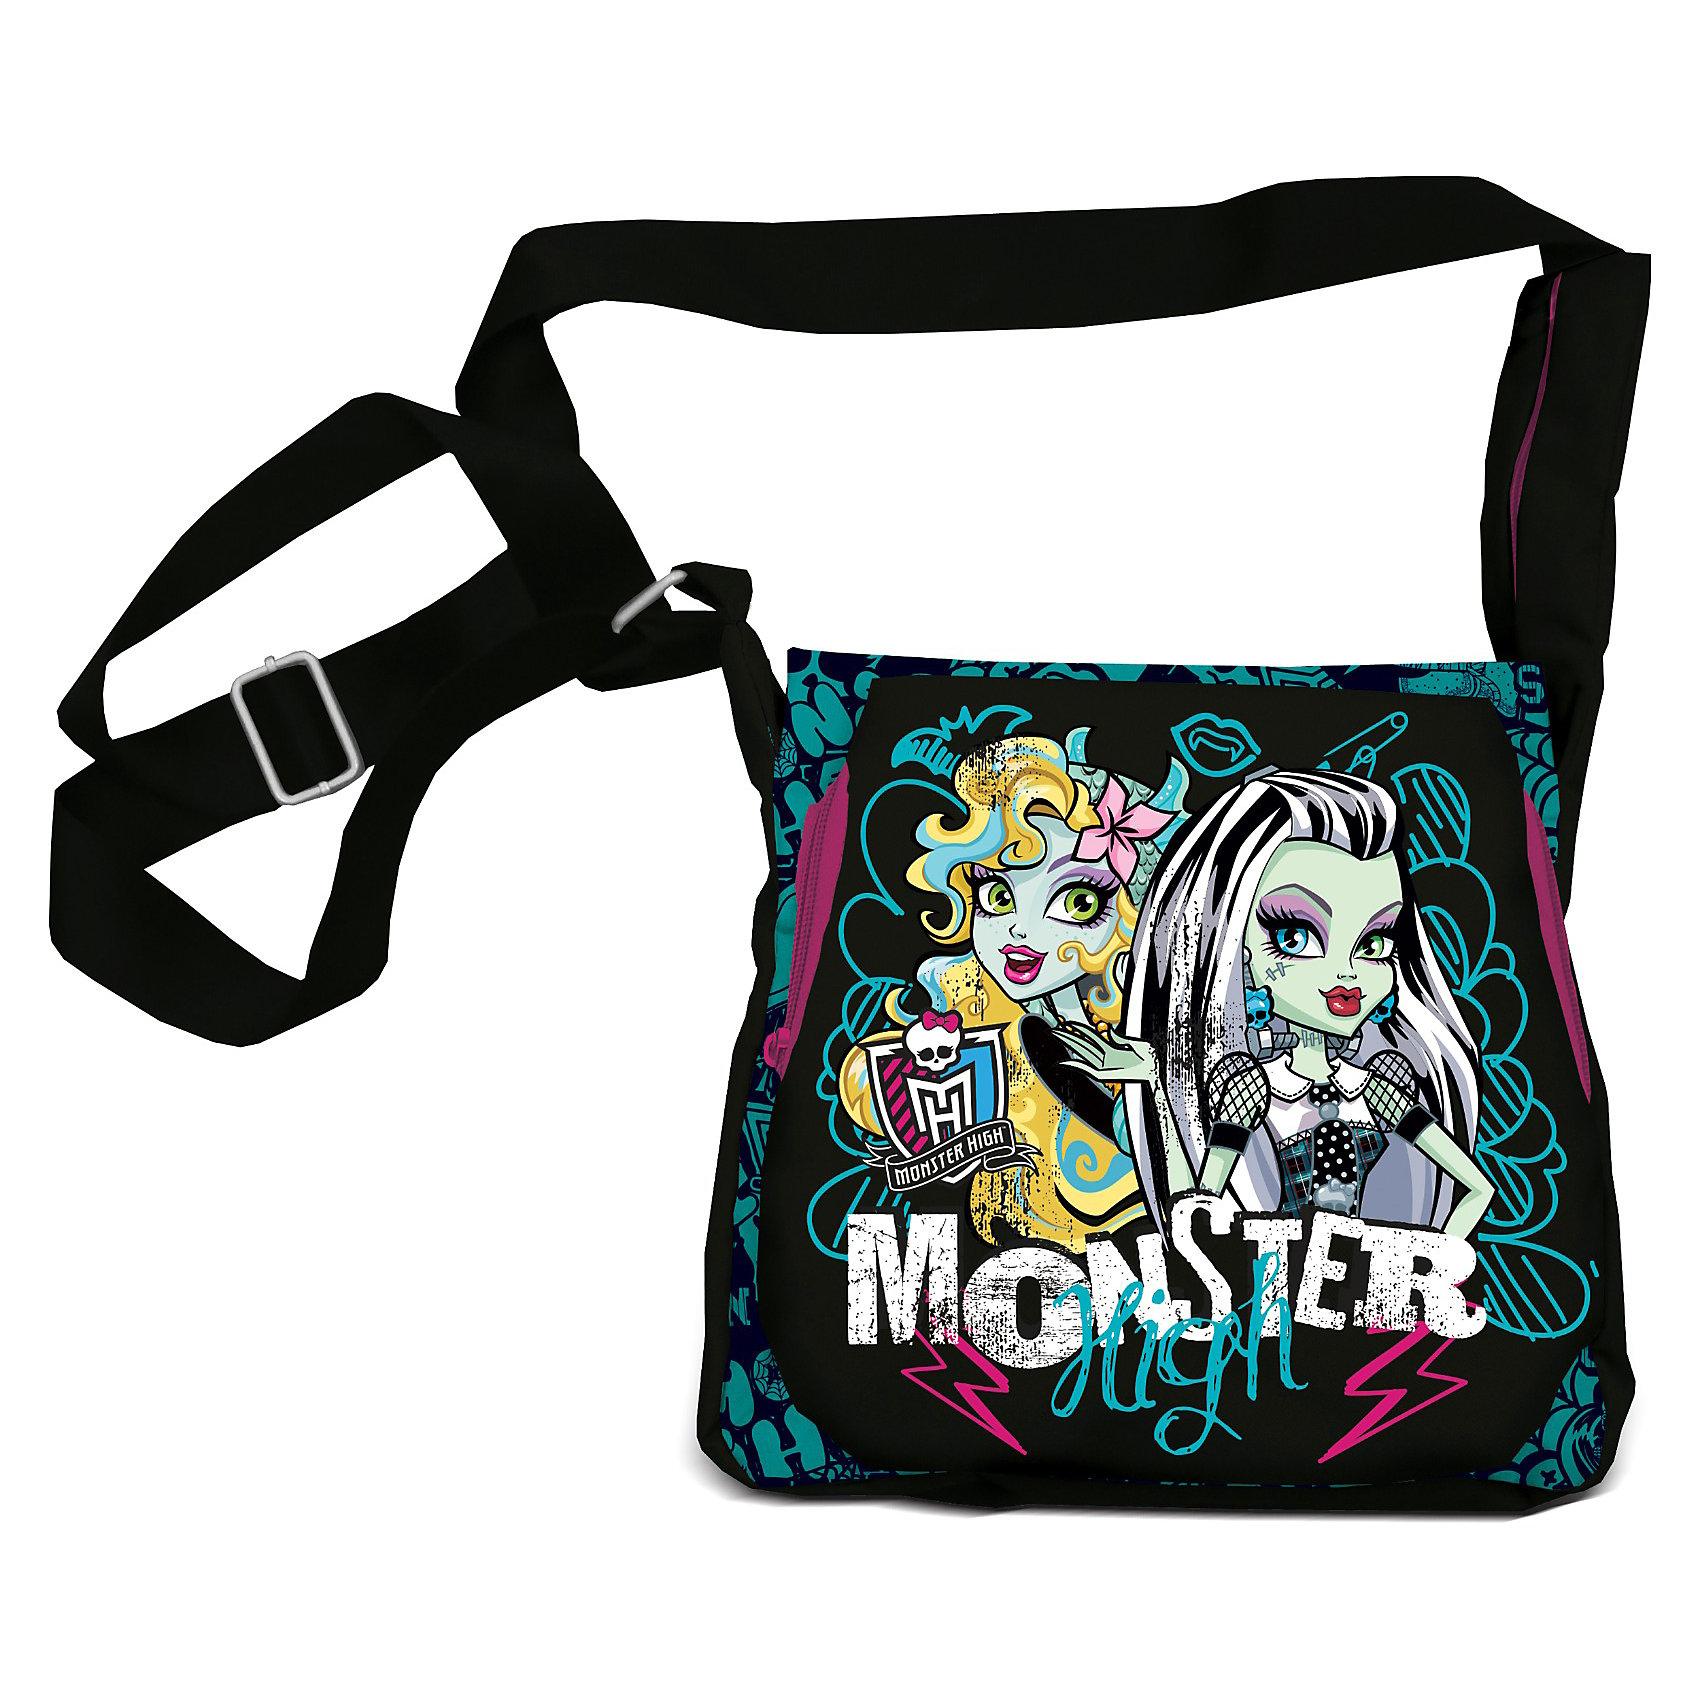 Сумка, Monster HighСумка Monster High (Монстер Хай)- это тот аксессуар современной школьницы, который поможет девочке подчеркнуть свою индивидуальность и выделиться среди сверстниц. Сумка непременно понравится юным модницам! Ее можно использовать как для хранения школьных принадлежностей, так и во время путешествий и прогулок. Яркая сумка с уникальной расцветкой из прочного текстиля застегивается на надежную молнию. В сумочке удобное основное отделение. Застегивается на клапан с изображением героинь популярного мультсериала Monster High (Монстер Хай). Сумка из текстиля почти невесомая, но вместительная, благодаря удобному наплечному ремню с регулировкой длины подойдет для девочек любого роста.<br><br>Дополнительная информация:<br><br>- Дизайн сумки выдержан в стиле мультфильма Monster High (Монстер Хай);<br>- Внутри есть большое отделение для вещей;<br>- Спереди имеется дополнительный карман на молнии, спрятанный под большим накладным фартуком;<br>- Для комфортного использования у сумки есть длинная регулируемая ручка;<br>- Яркий дизайн идеален для девочек;<br>- Легкая и компактная;<br>- Регулируемый по длине плечевой ремень позволяет носить сумку как на плече, так и через плечо;<br>- Сумка надежно закрывается на молнию;<br>- Размер: 26 х 27 х 8 см;<br>- Материал: полиэстер;<br>- Вес: 400 г.<br><br>Сумку, Monster High (Монстер Хай) можно купить в нашем интернет-магазине.<br><br>Ширина мм: 350<br>Глубина мм: 350<br>Высота мм: 200<br>Вес г: 500<br>Возраст от месяцев: 120<br>Возраст до месяцев: 144<br>Пол: Женский<br>Возраст: Детский<br>SKU: 3563369